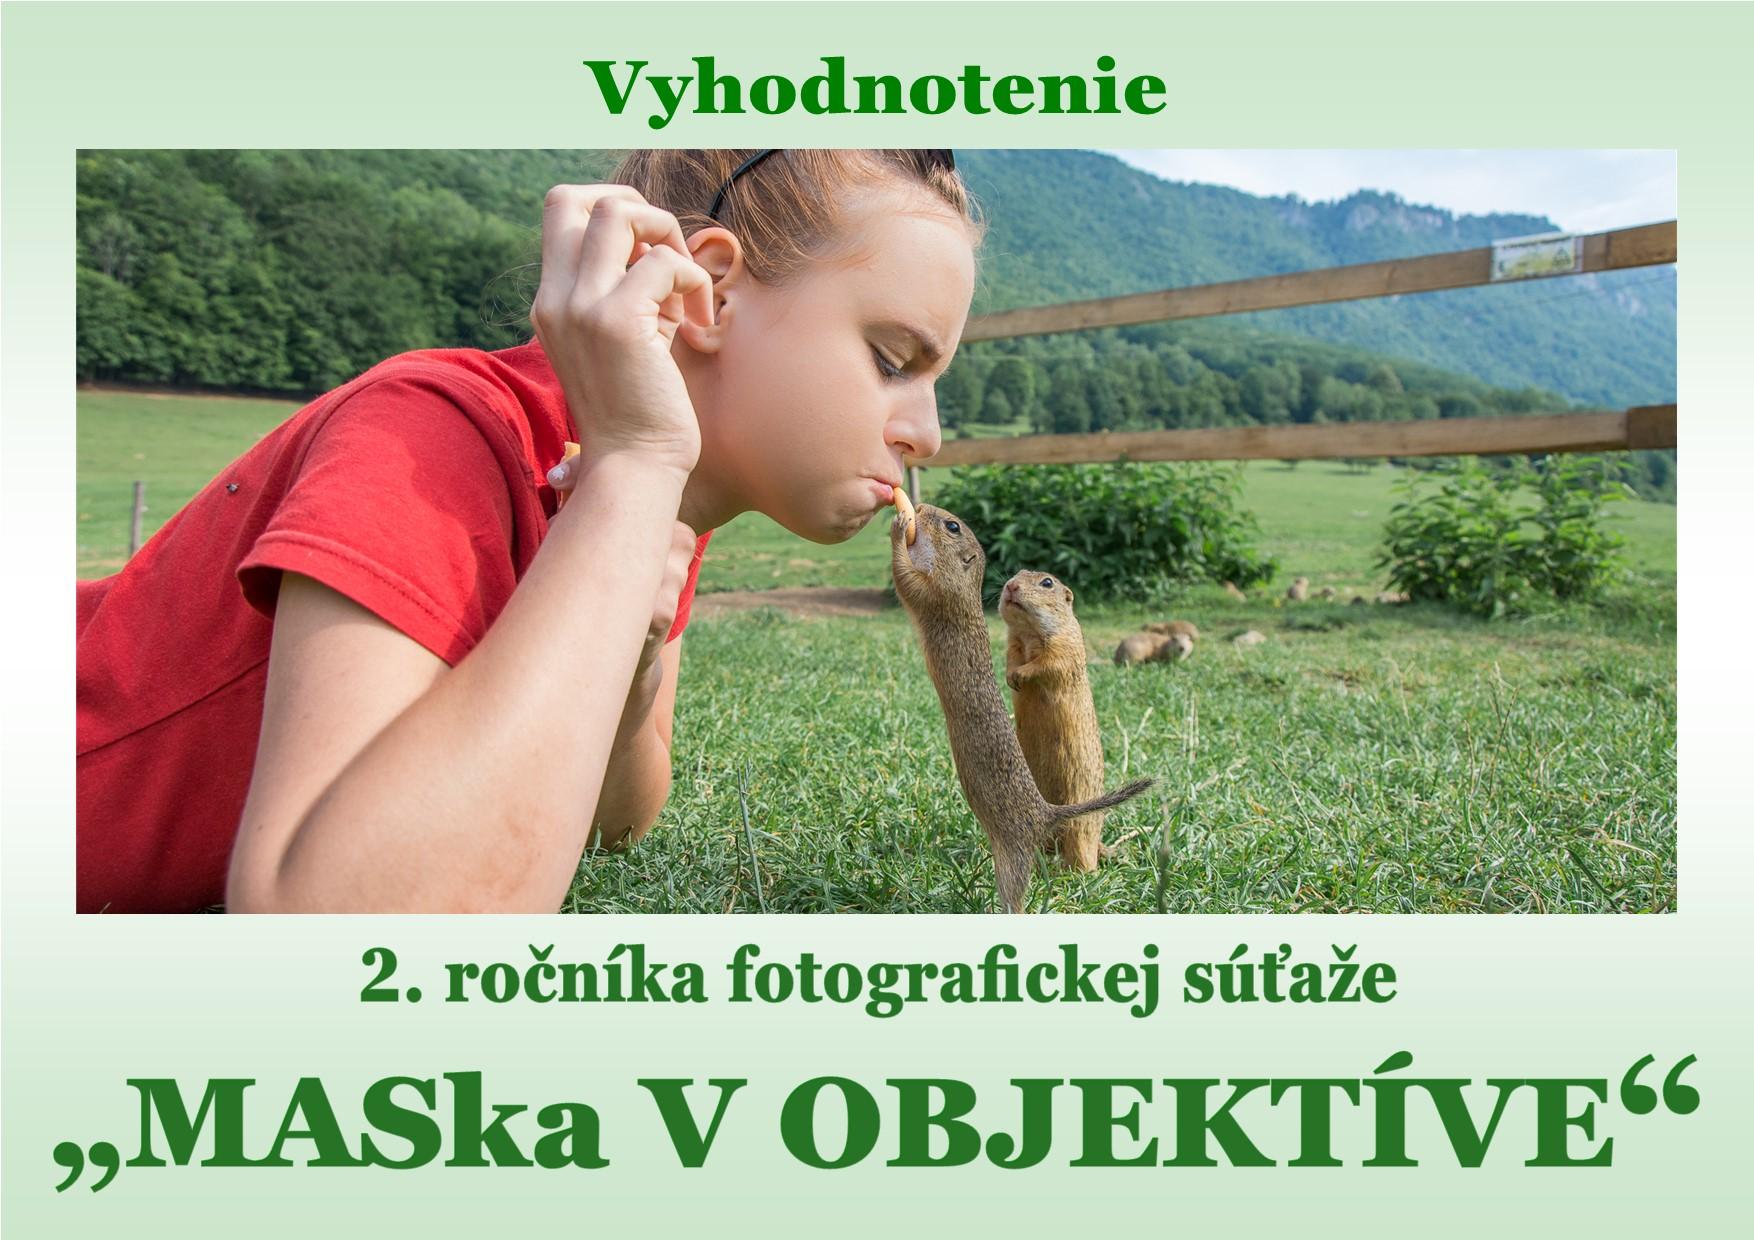 """II. ročník fotografickej súťaže """"MASka v objektíve"""" vyhodnotený"""